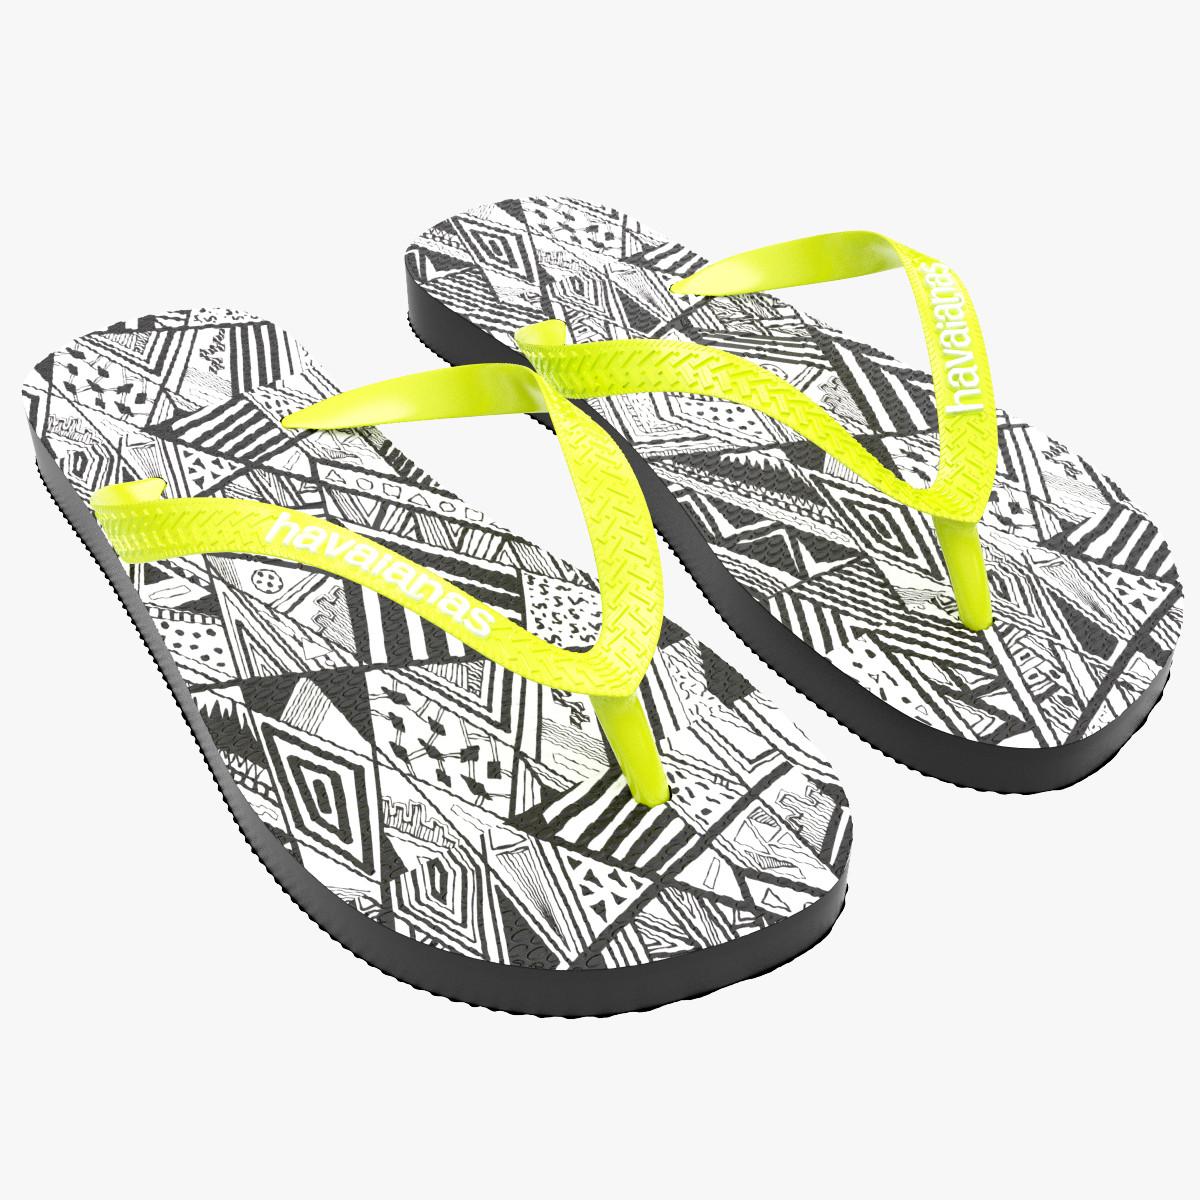 Sandals_Signature.jpg